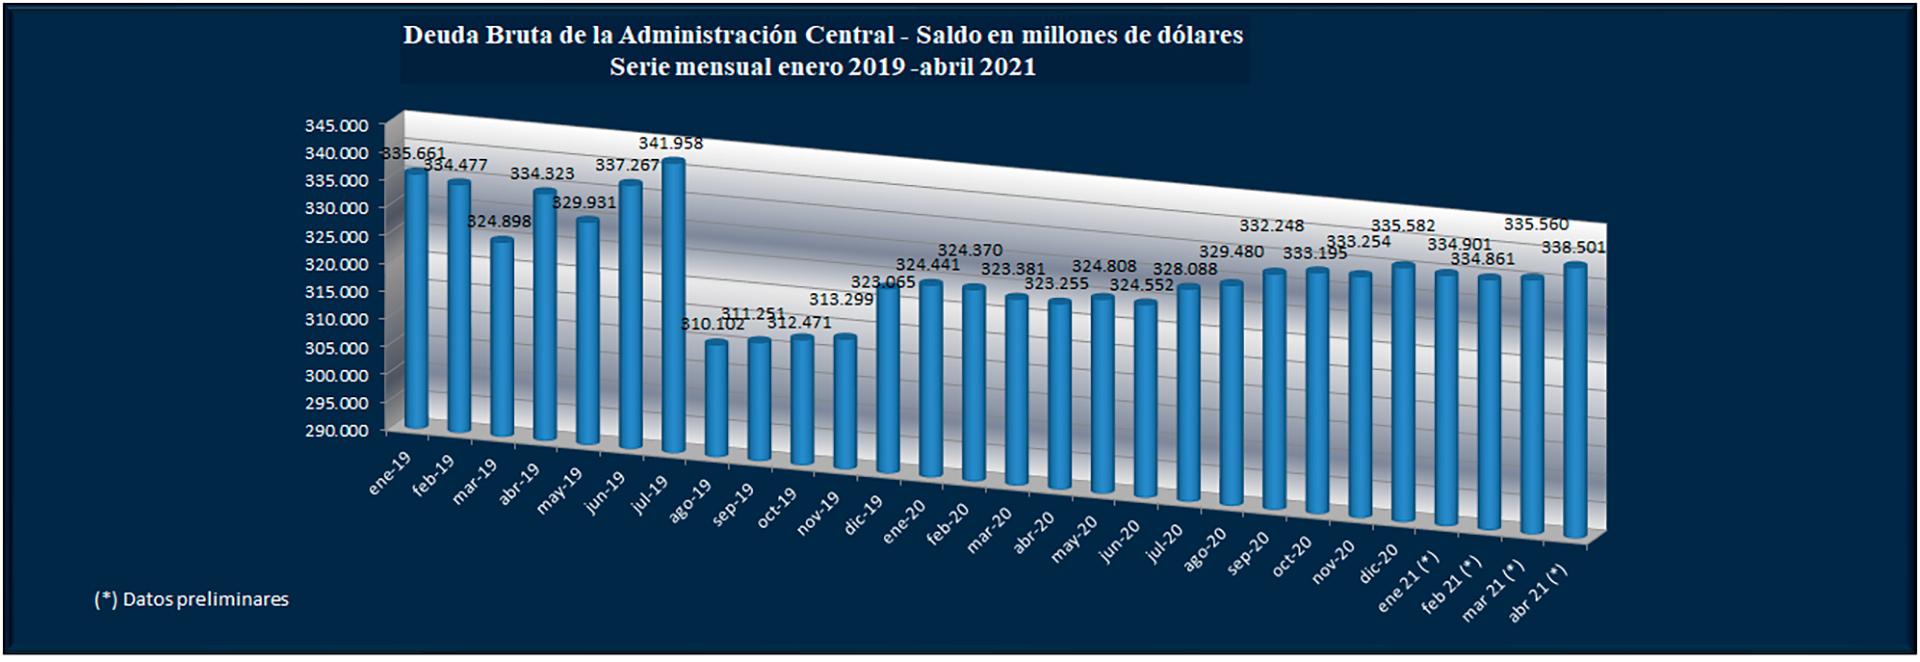 El aumento de la deuda pública neto de la asumida con el BCRA desde el inicio del gobierno fue de USD 11.800 millones. Fuente: Secretaría de Finanzas